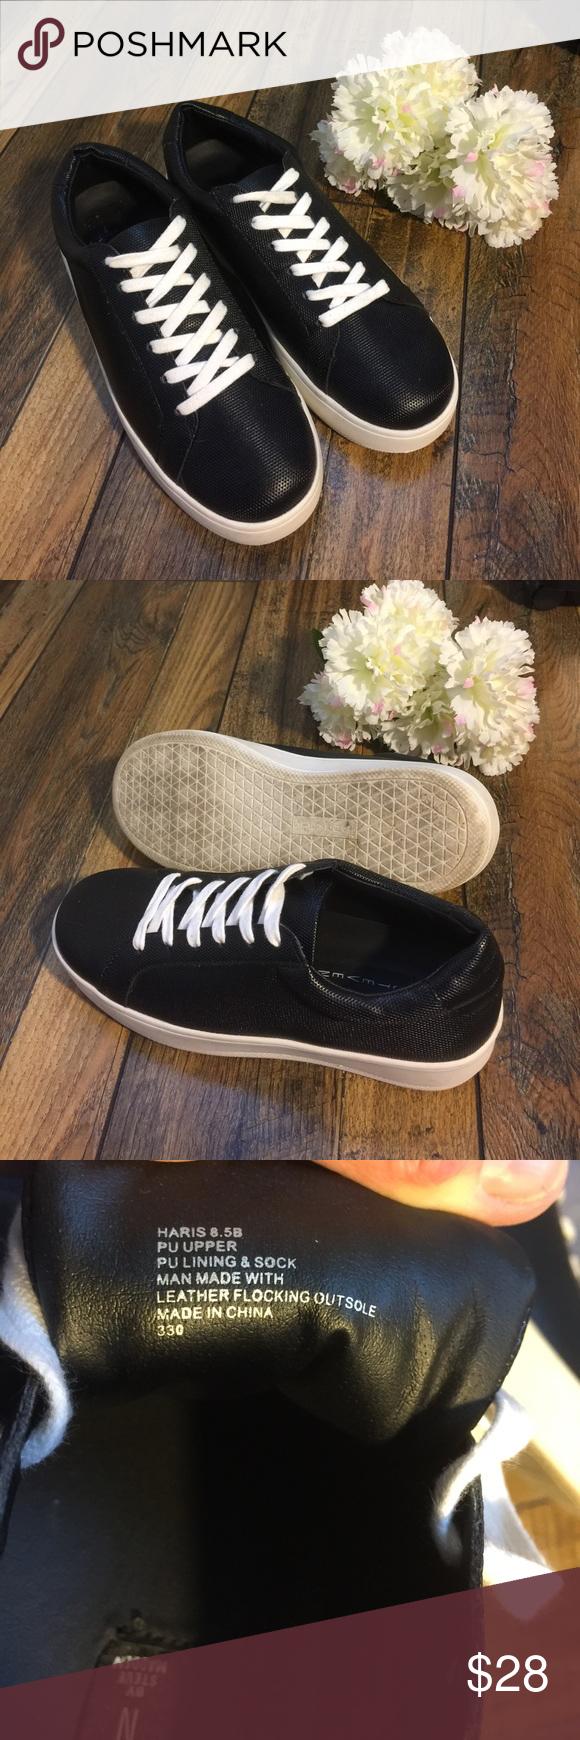 92b628f8052 Steve Madden Haris Very gently used platform Haris Sneakers